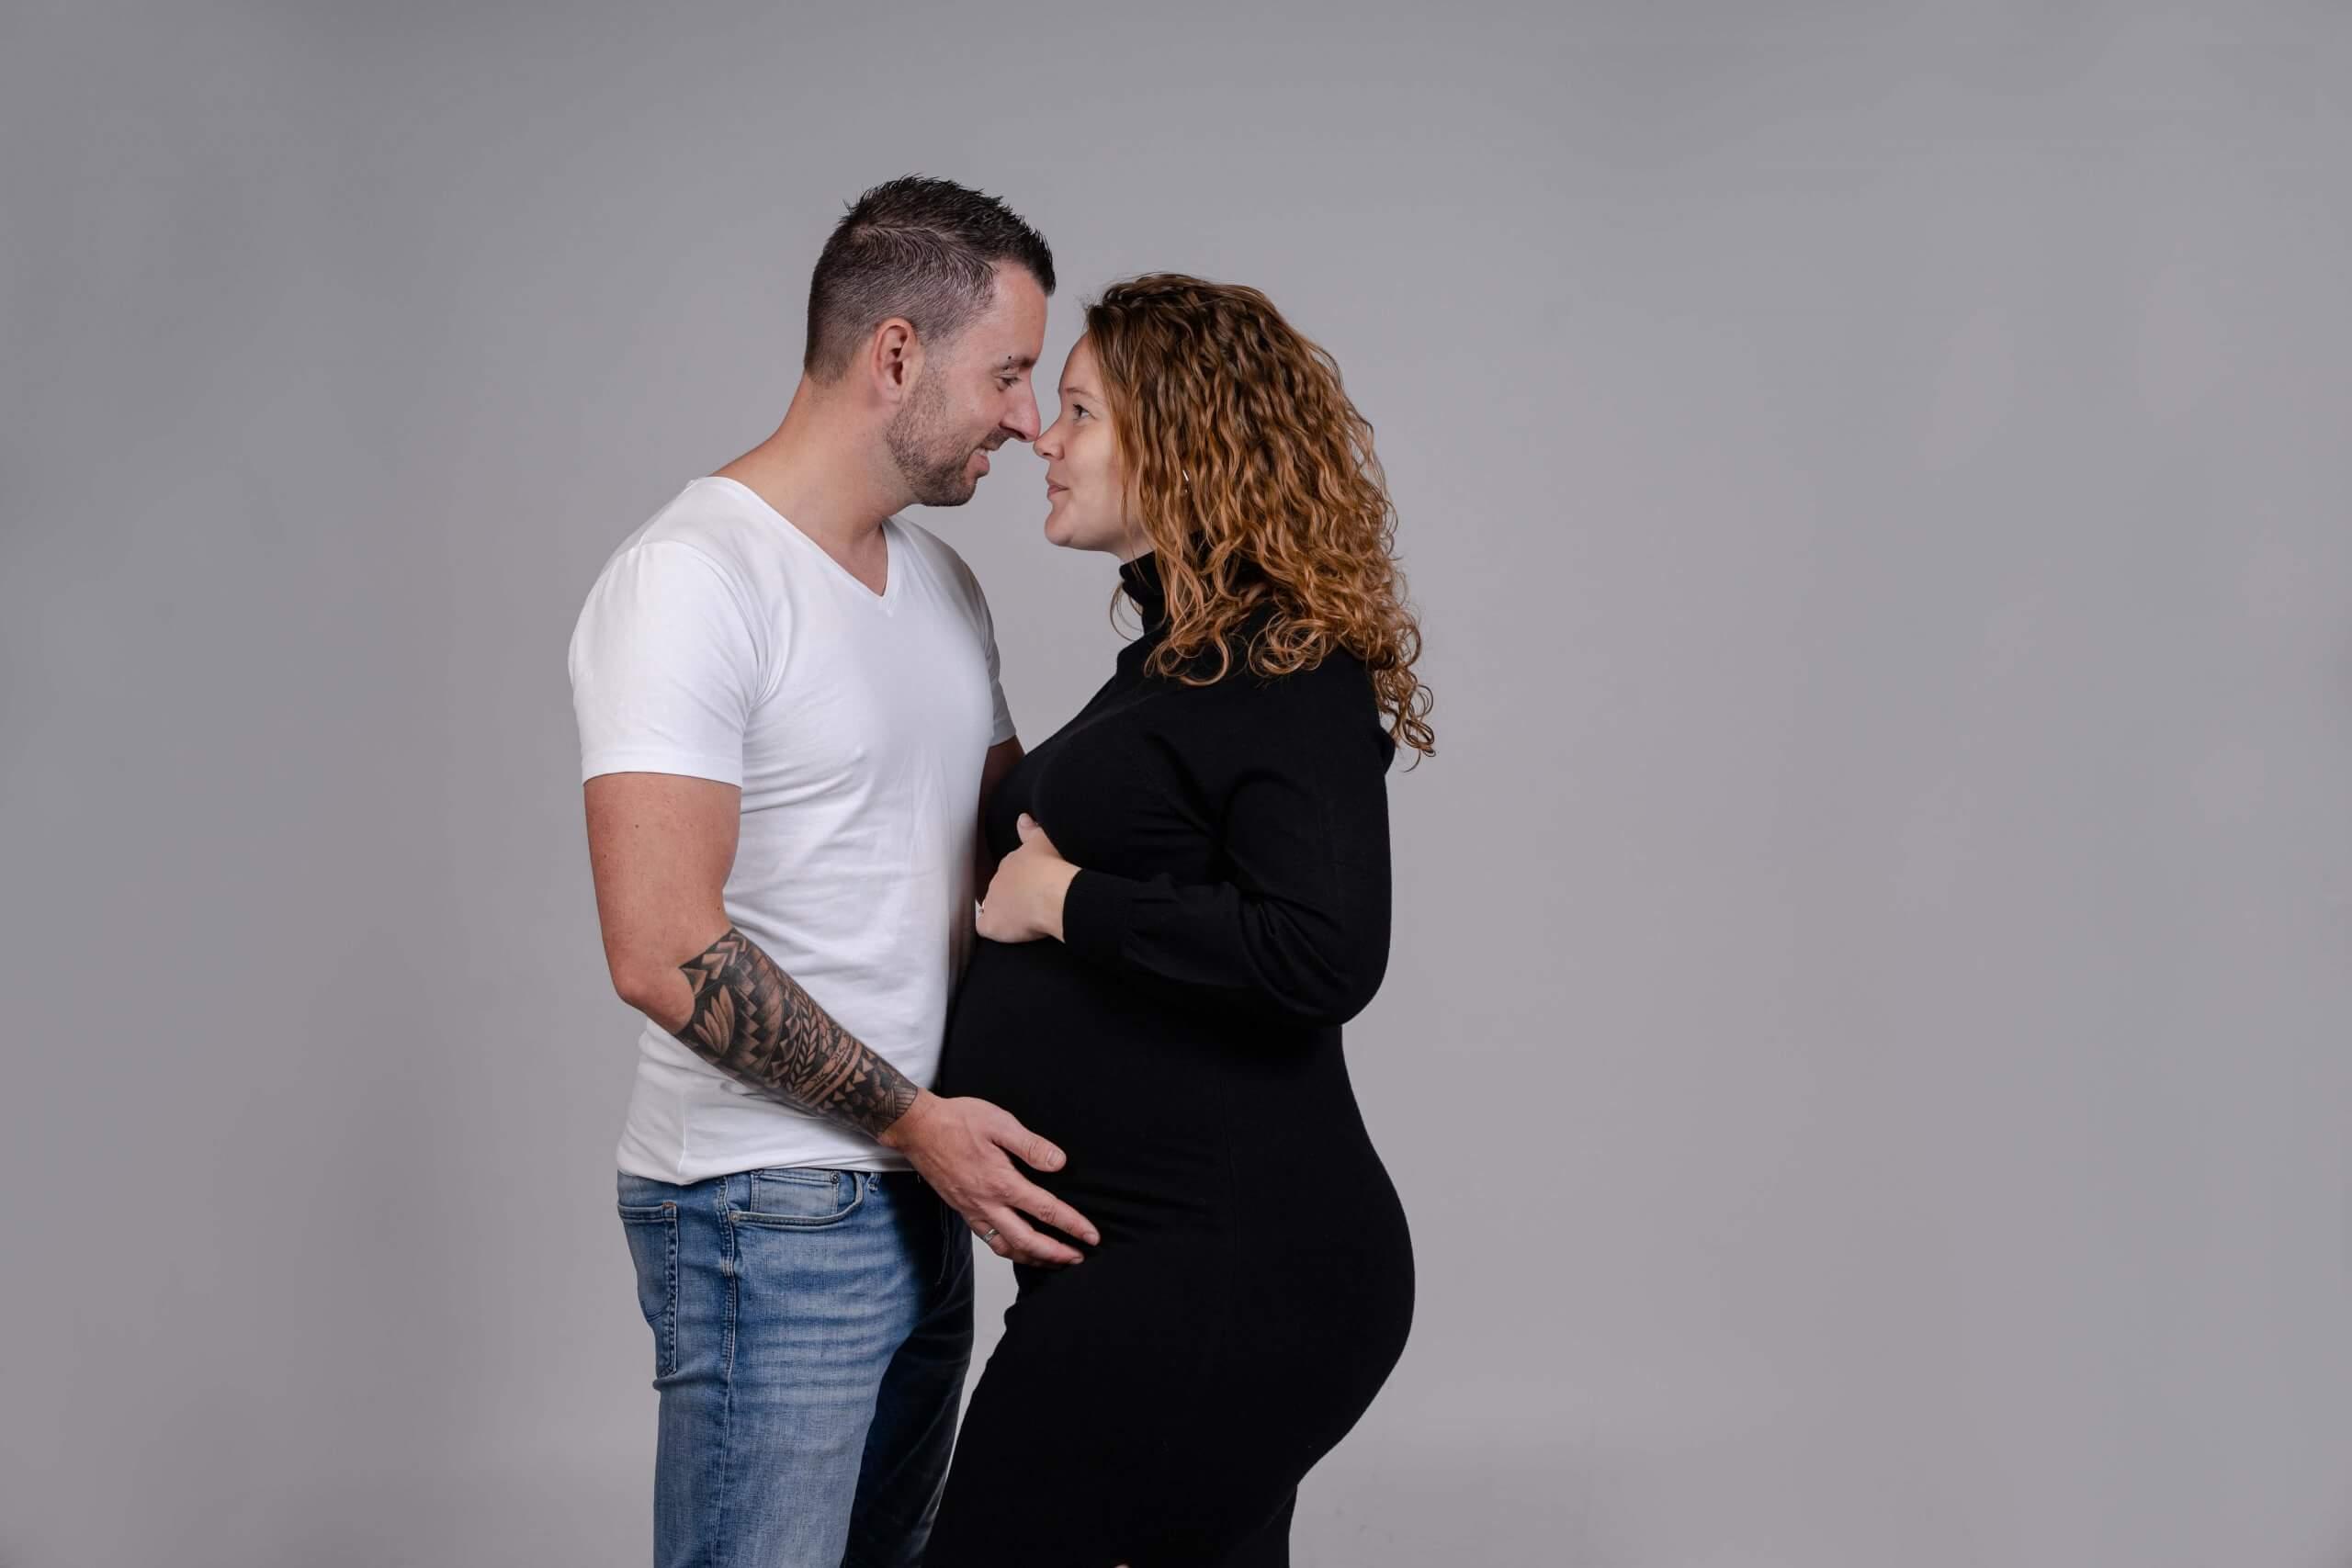 Zwangerschap koppel saamen liefde love loveshoot zeist odijk bunnik